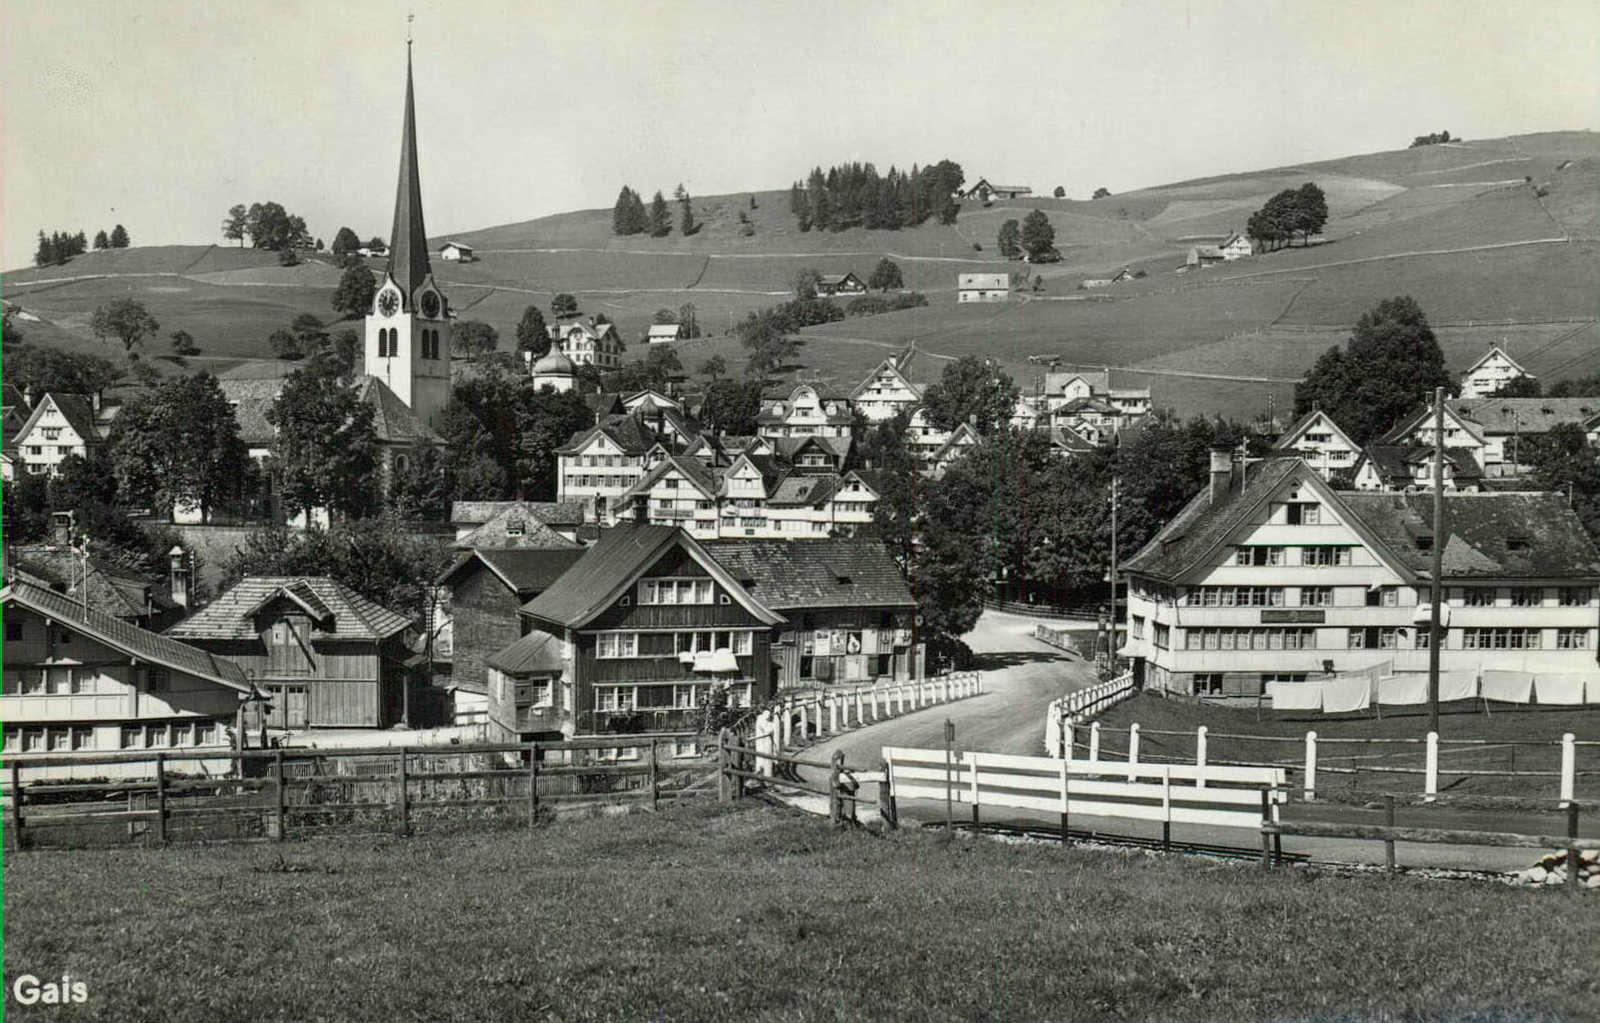 Lot 177 - kanton appenzell  -  MH Marken GmbH Auktion 118